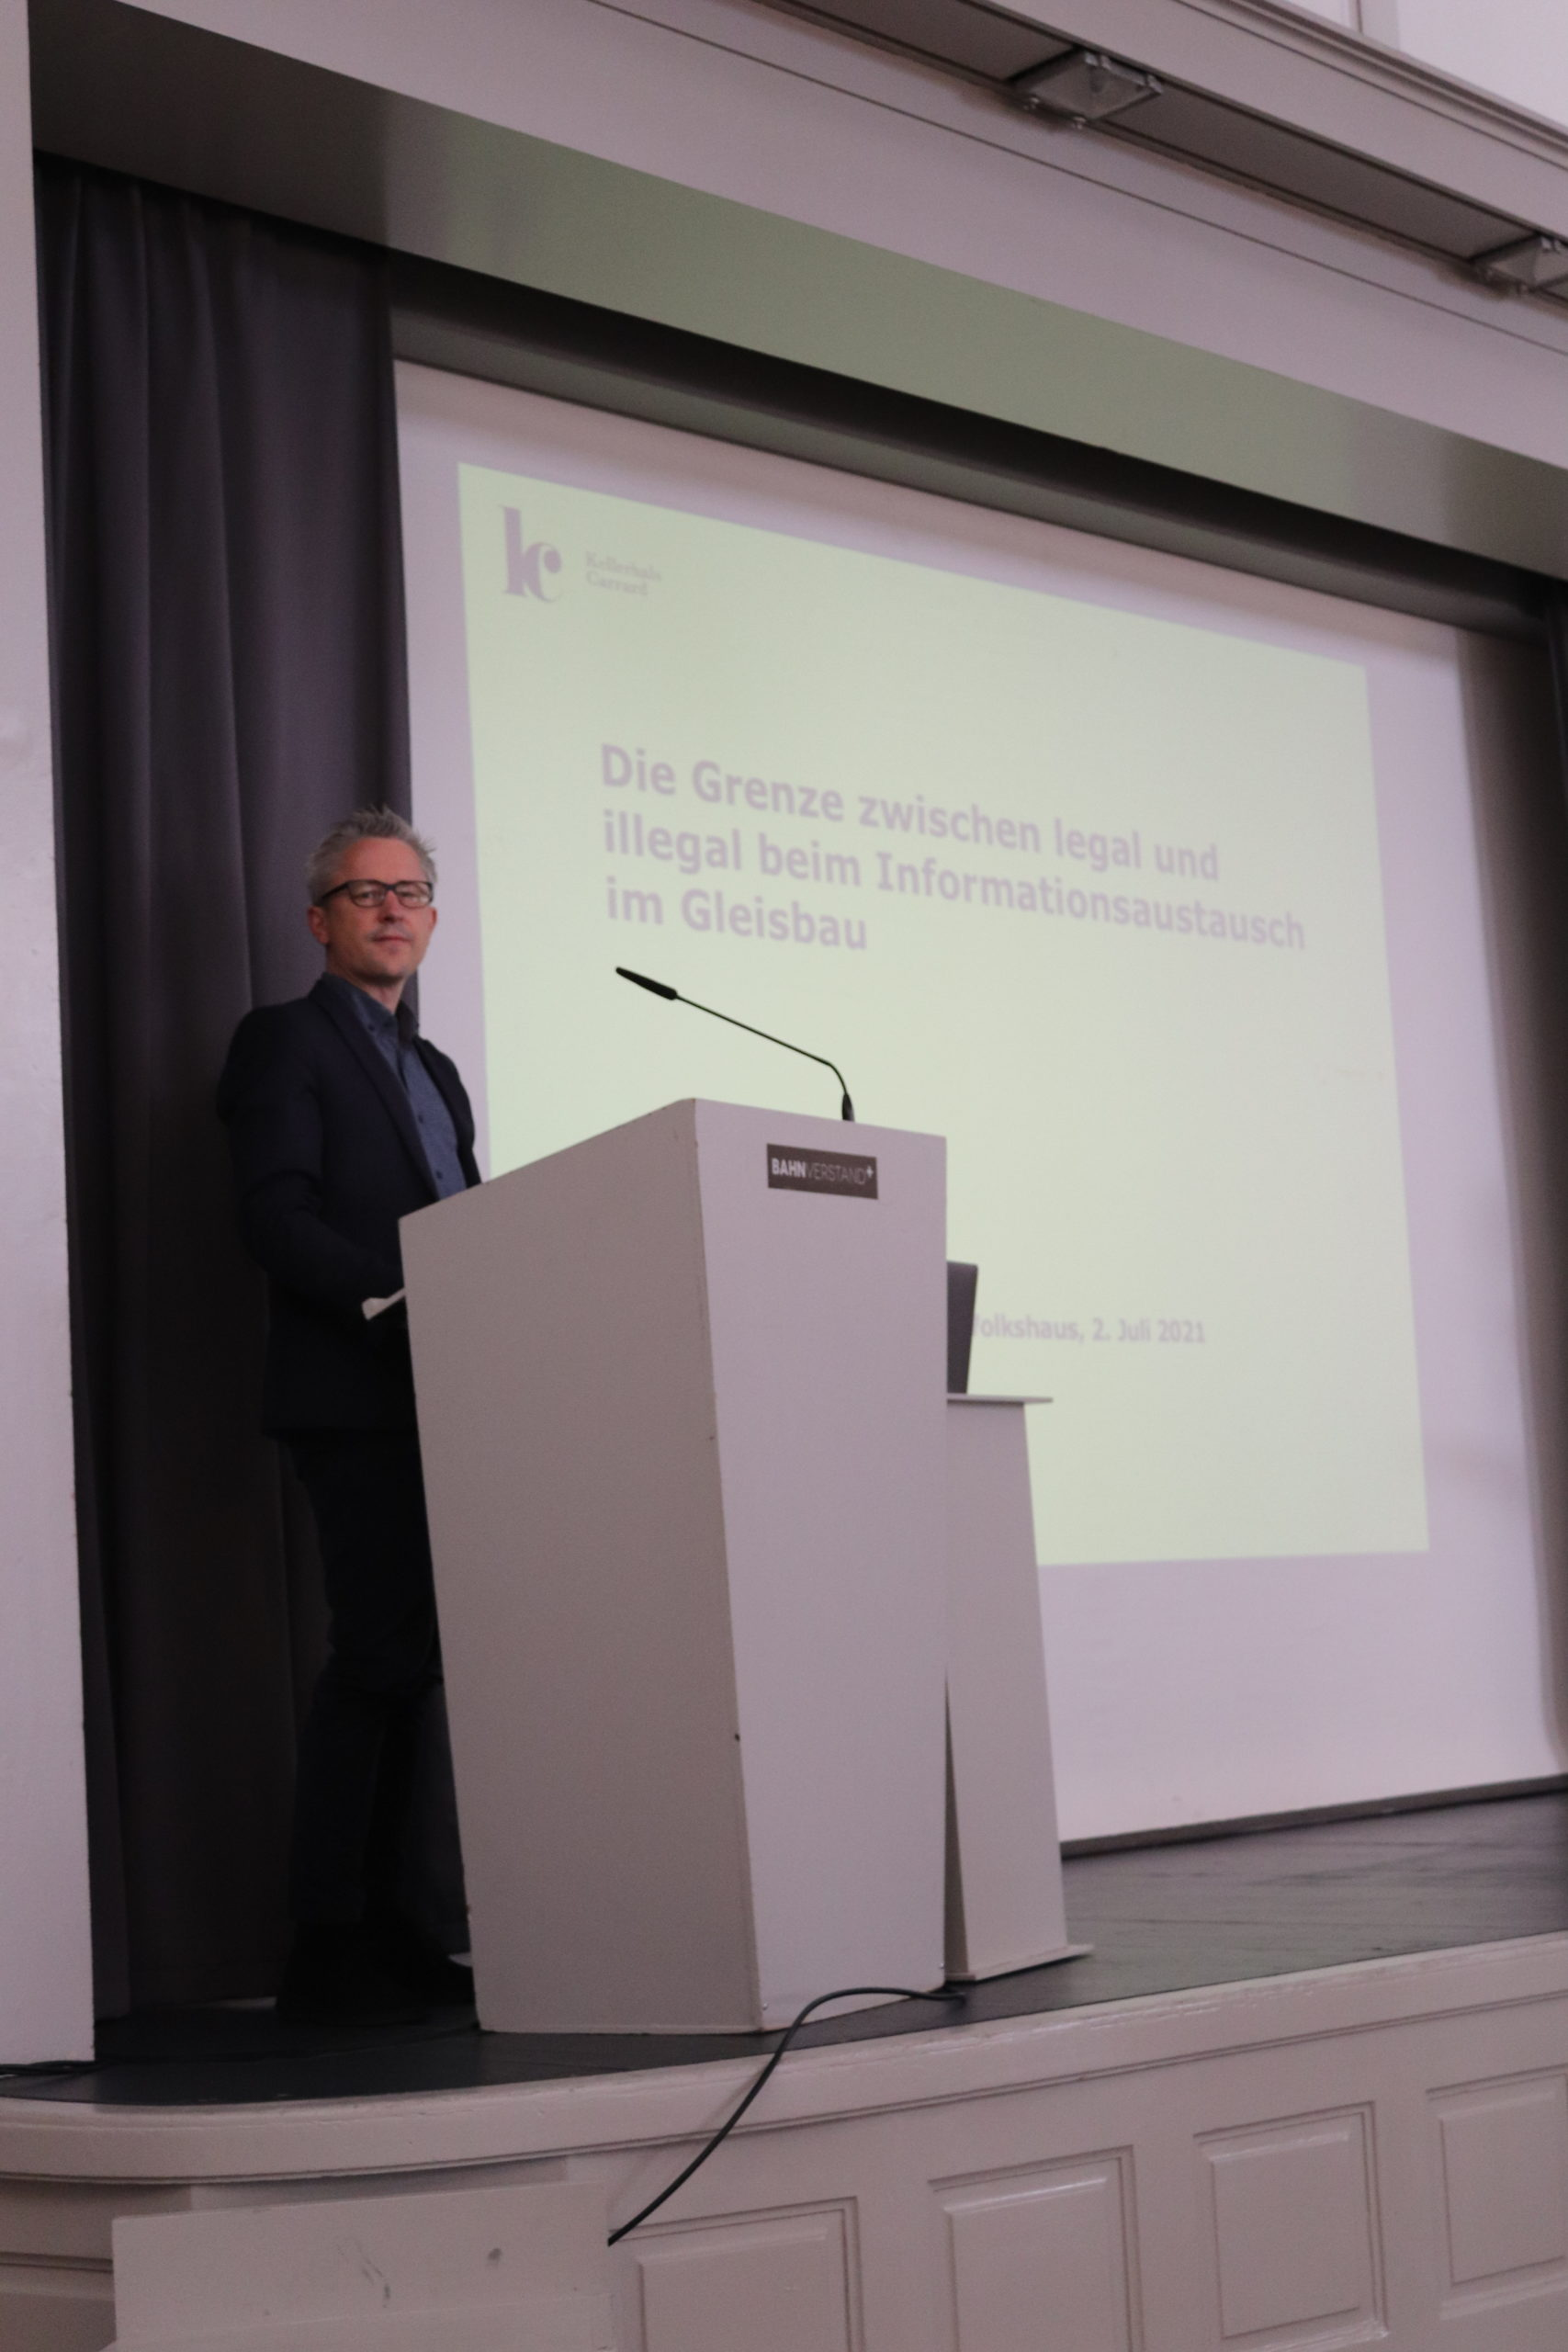 Dr. Daniel Emch, Rechtsanwalt und Partner von Kellerhals Carrard, Bern